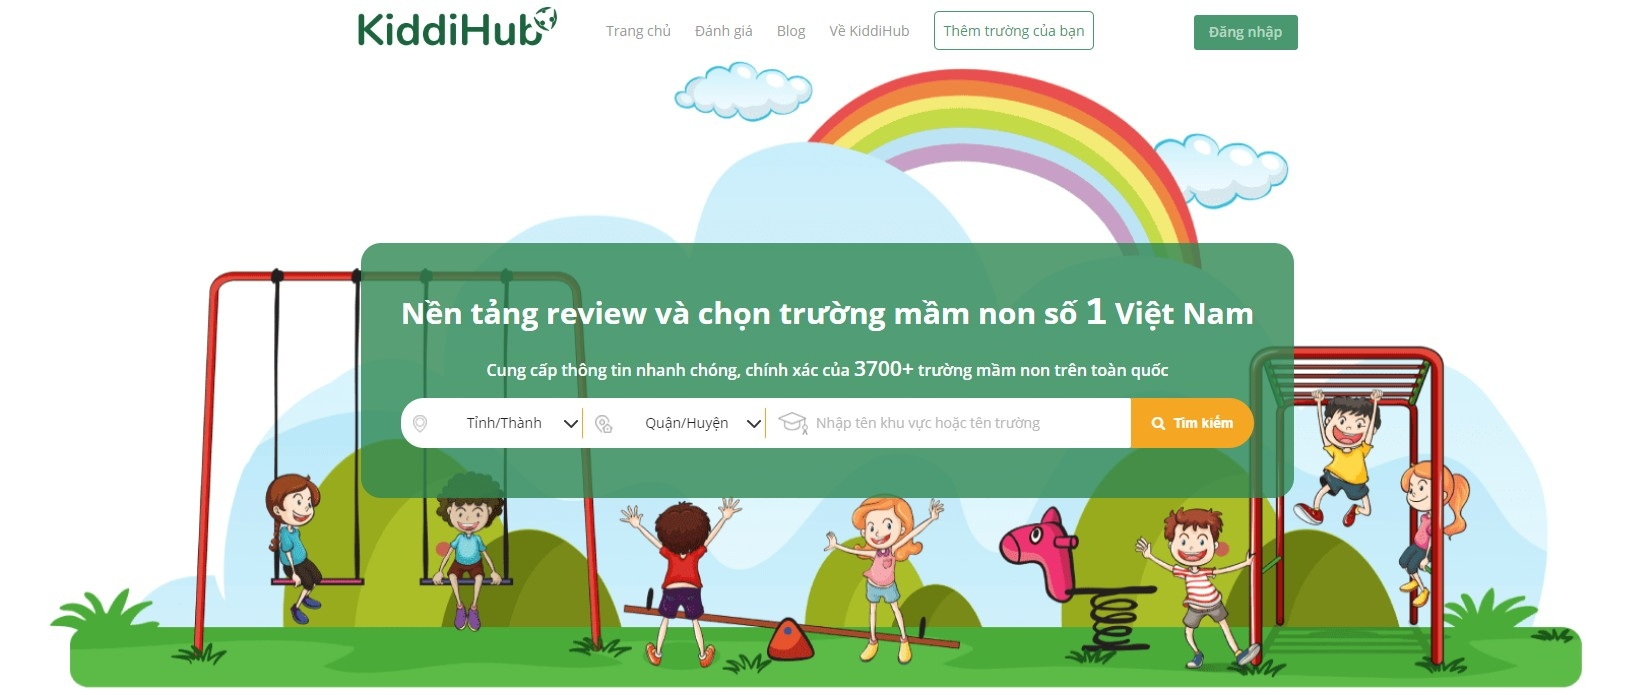 KiddiHub - Nền tảng review và chọn trường mầm non  (@kiddihubcom) Cover Image